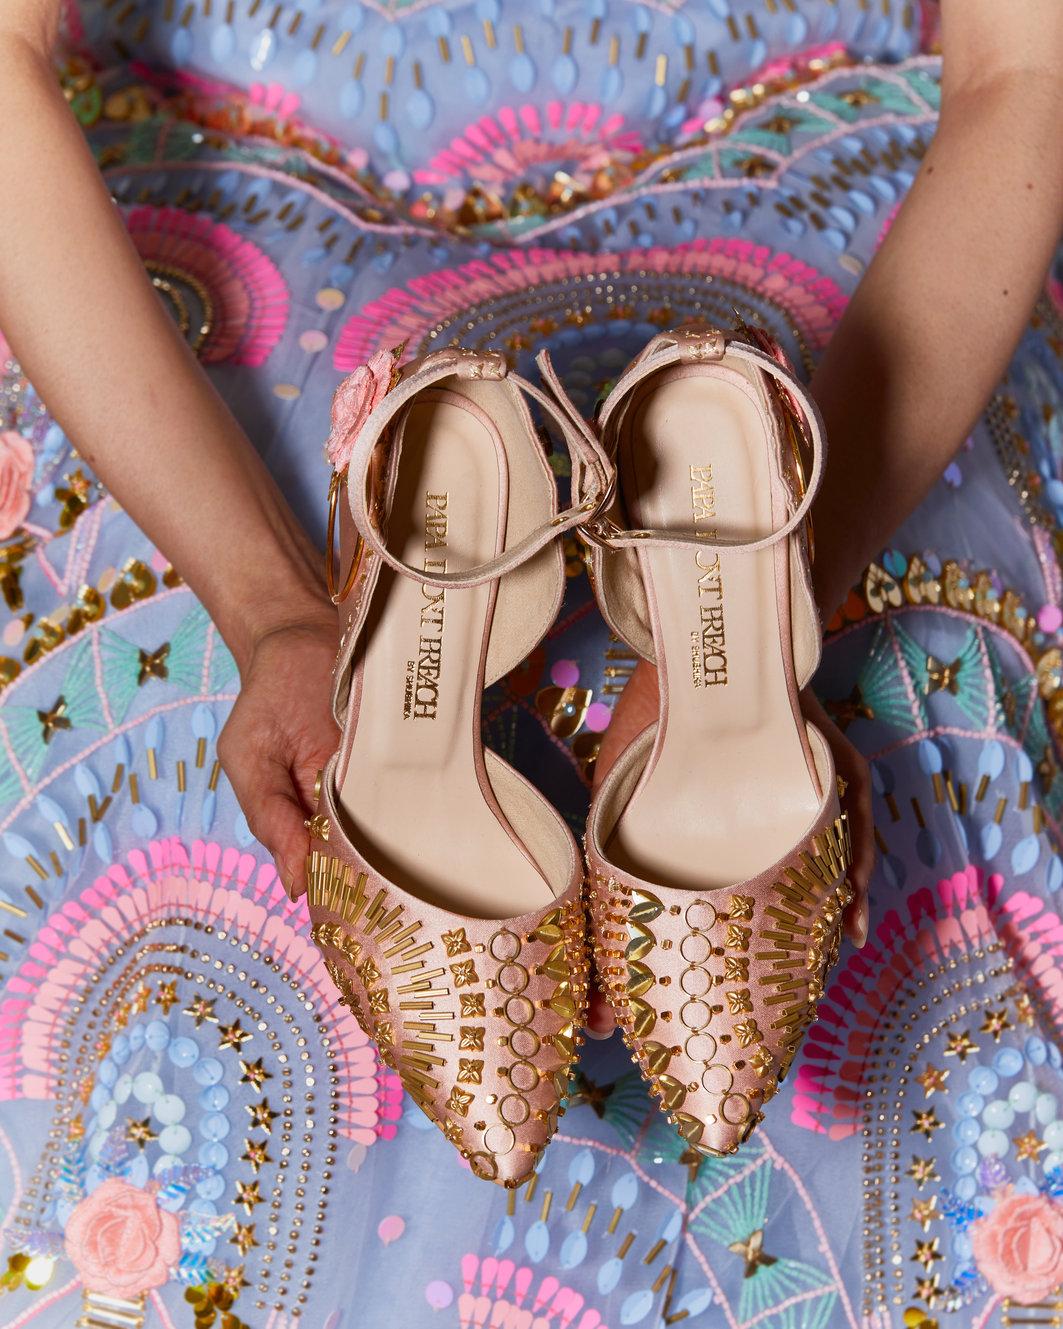 PunjabKesari,Footwear image